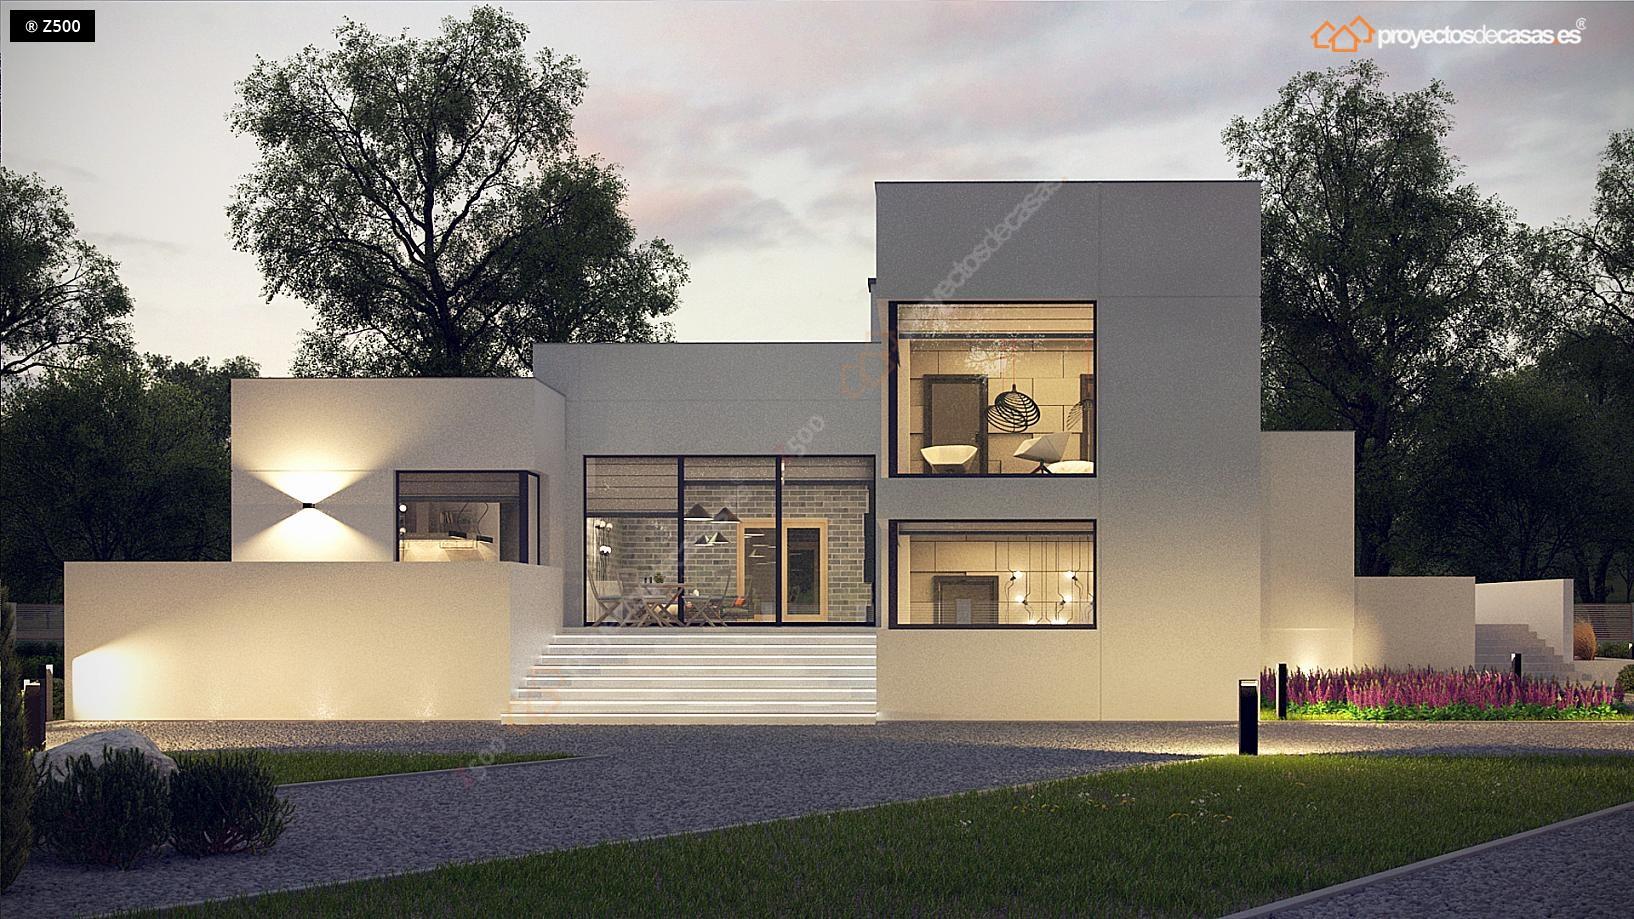 Proyectosdecasas dise amos y construimos casas en toda for Casa moderna 140 m2